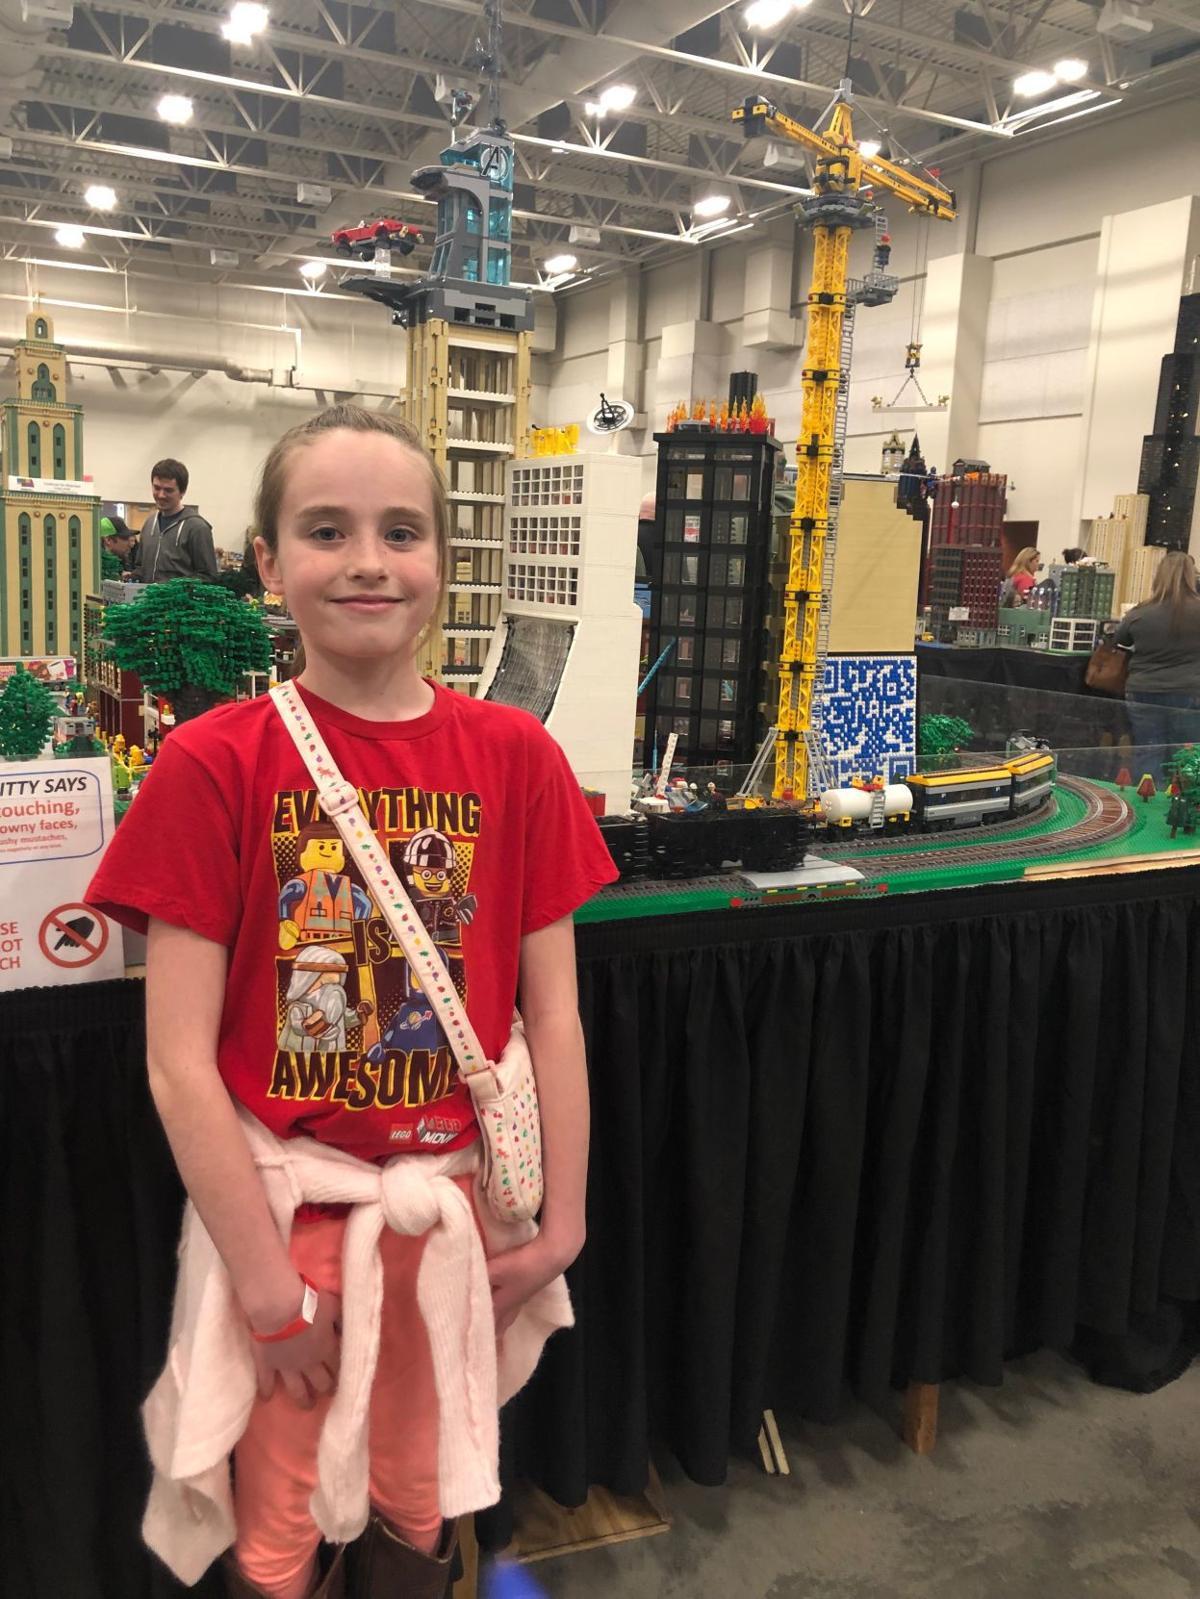 Lego fan Evie Earlywine